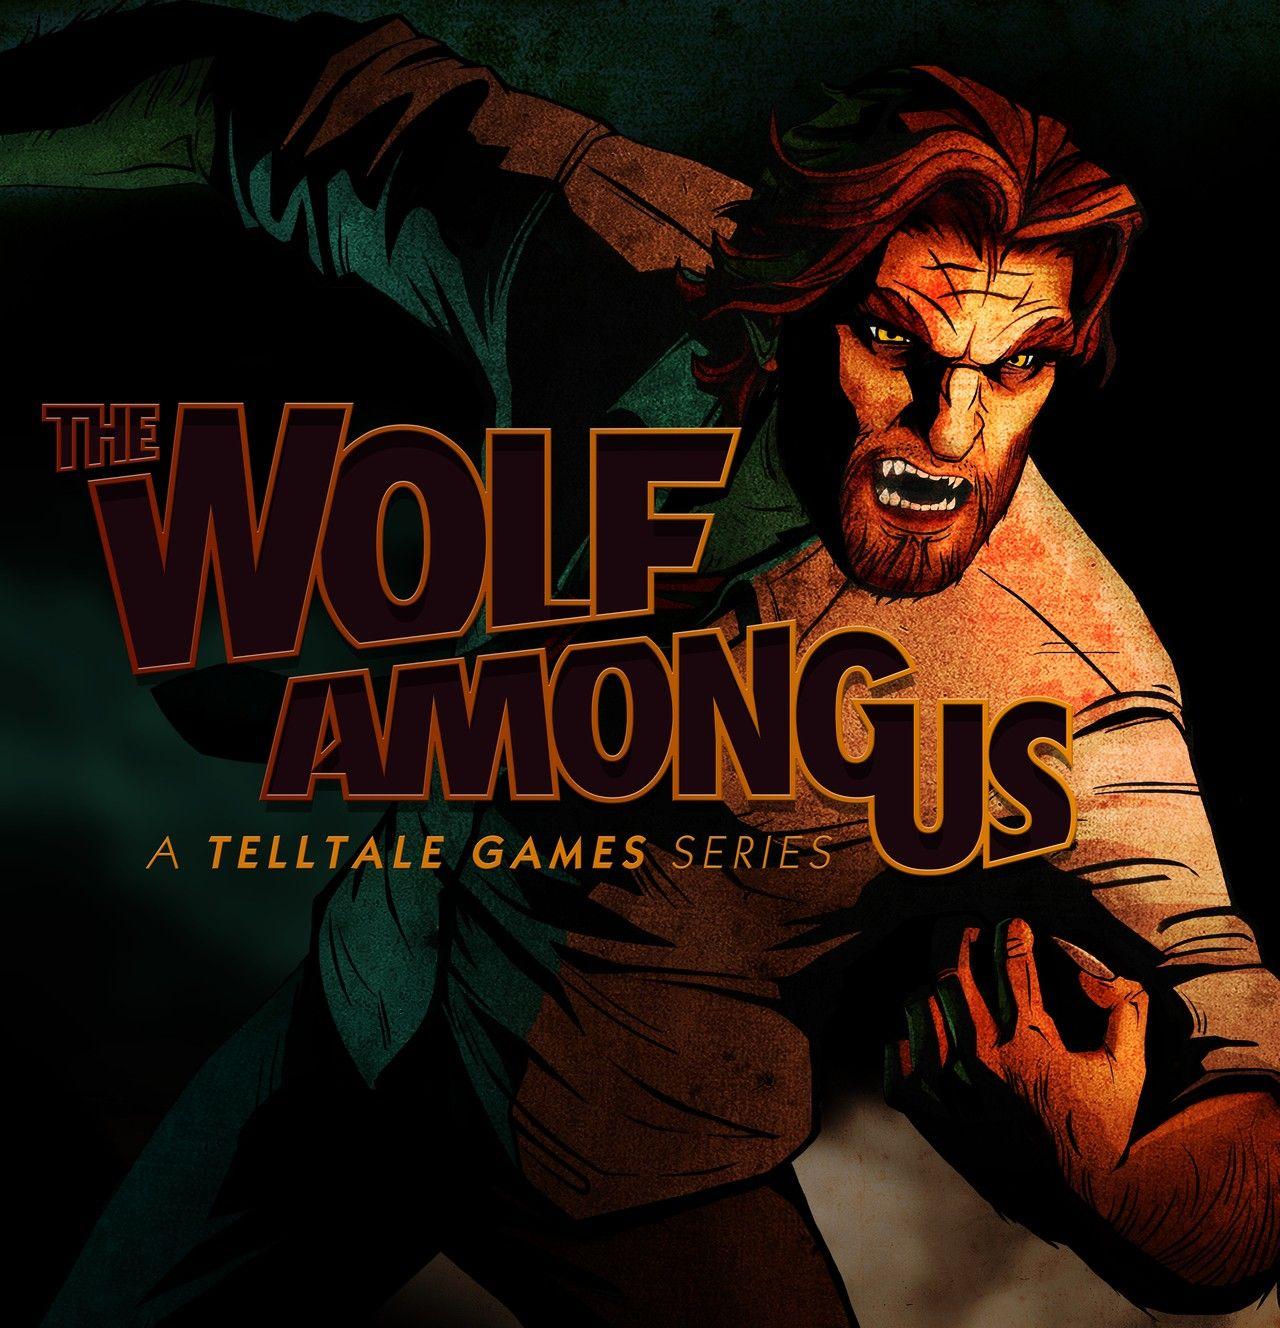 The wolf among us Telltale games 2014 Jeu narratif